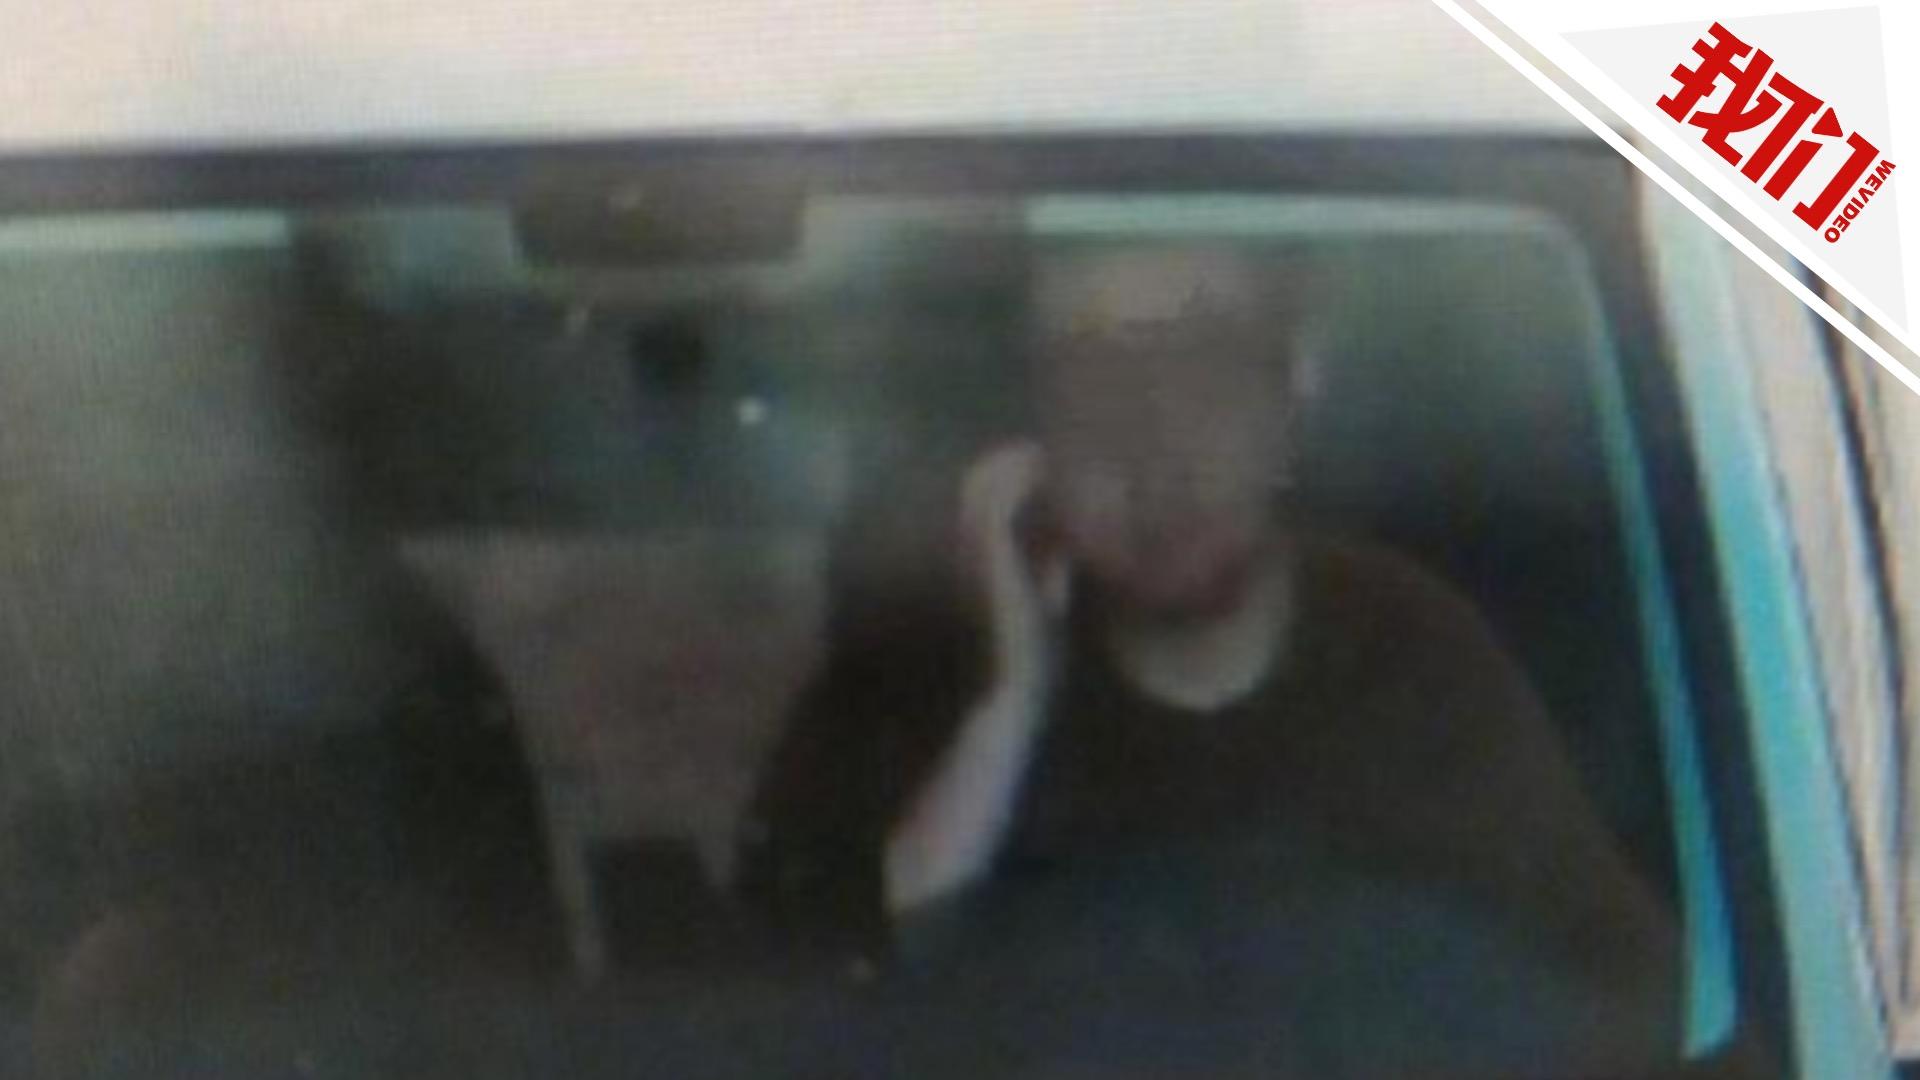 济南一司机驾车摸脸被抓拍成打电话 交警:系人工抓拍